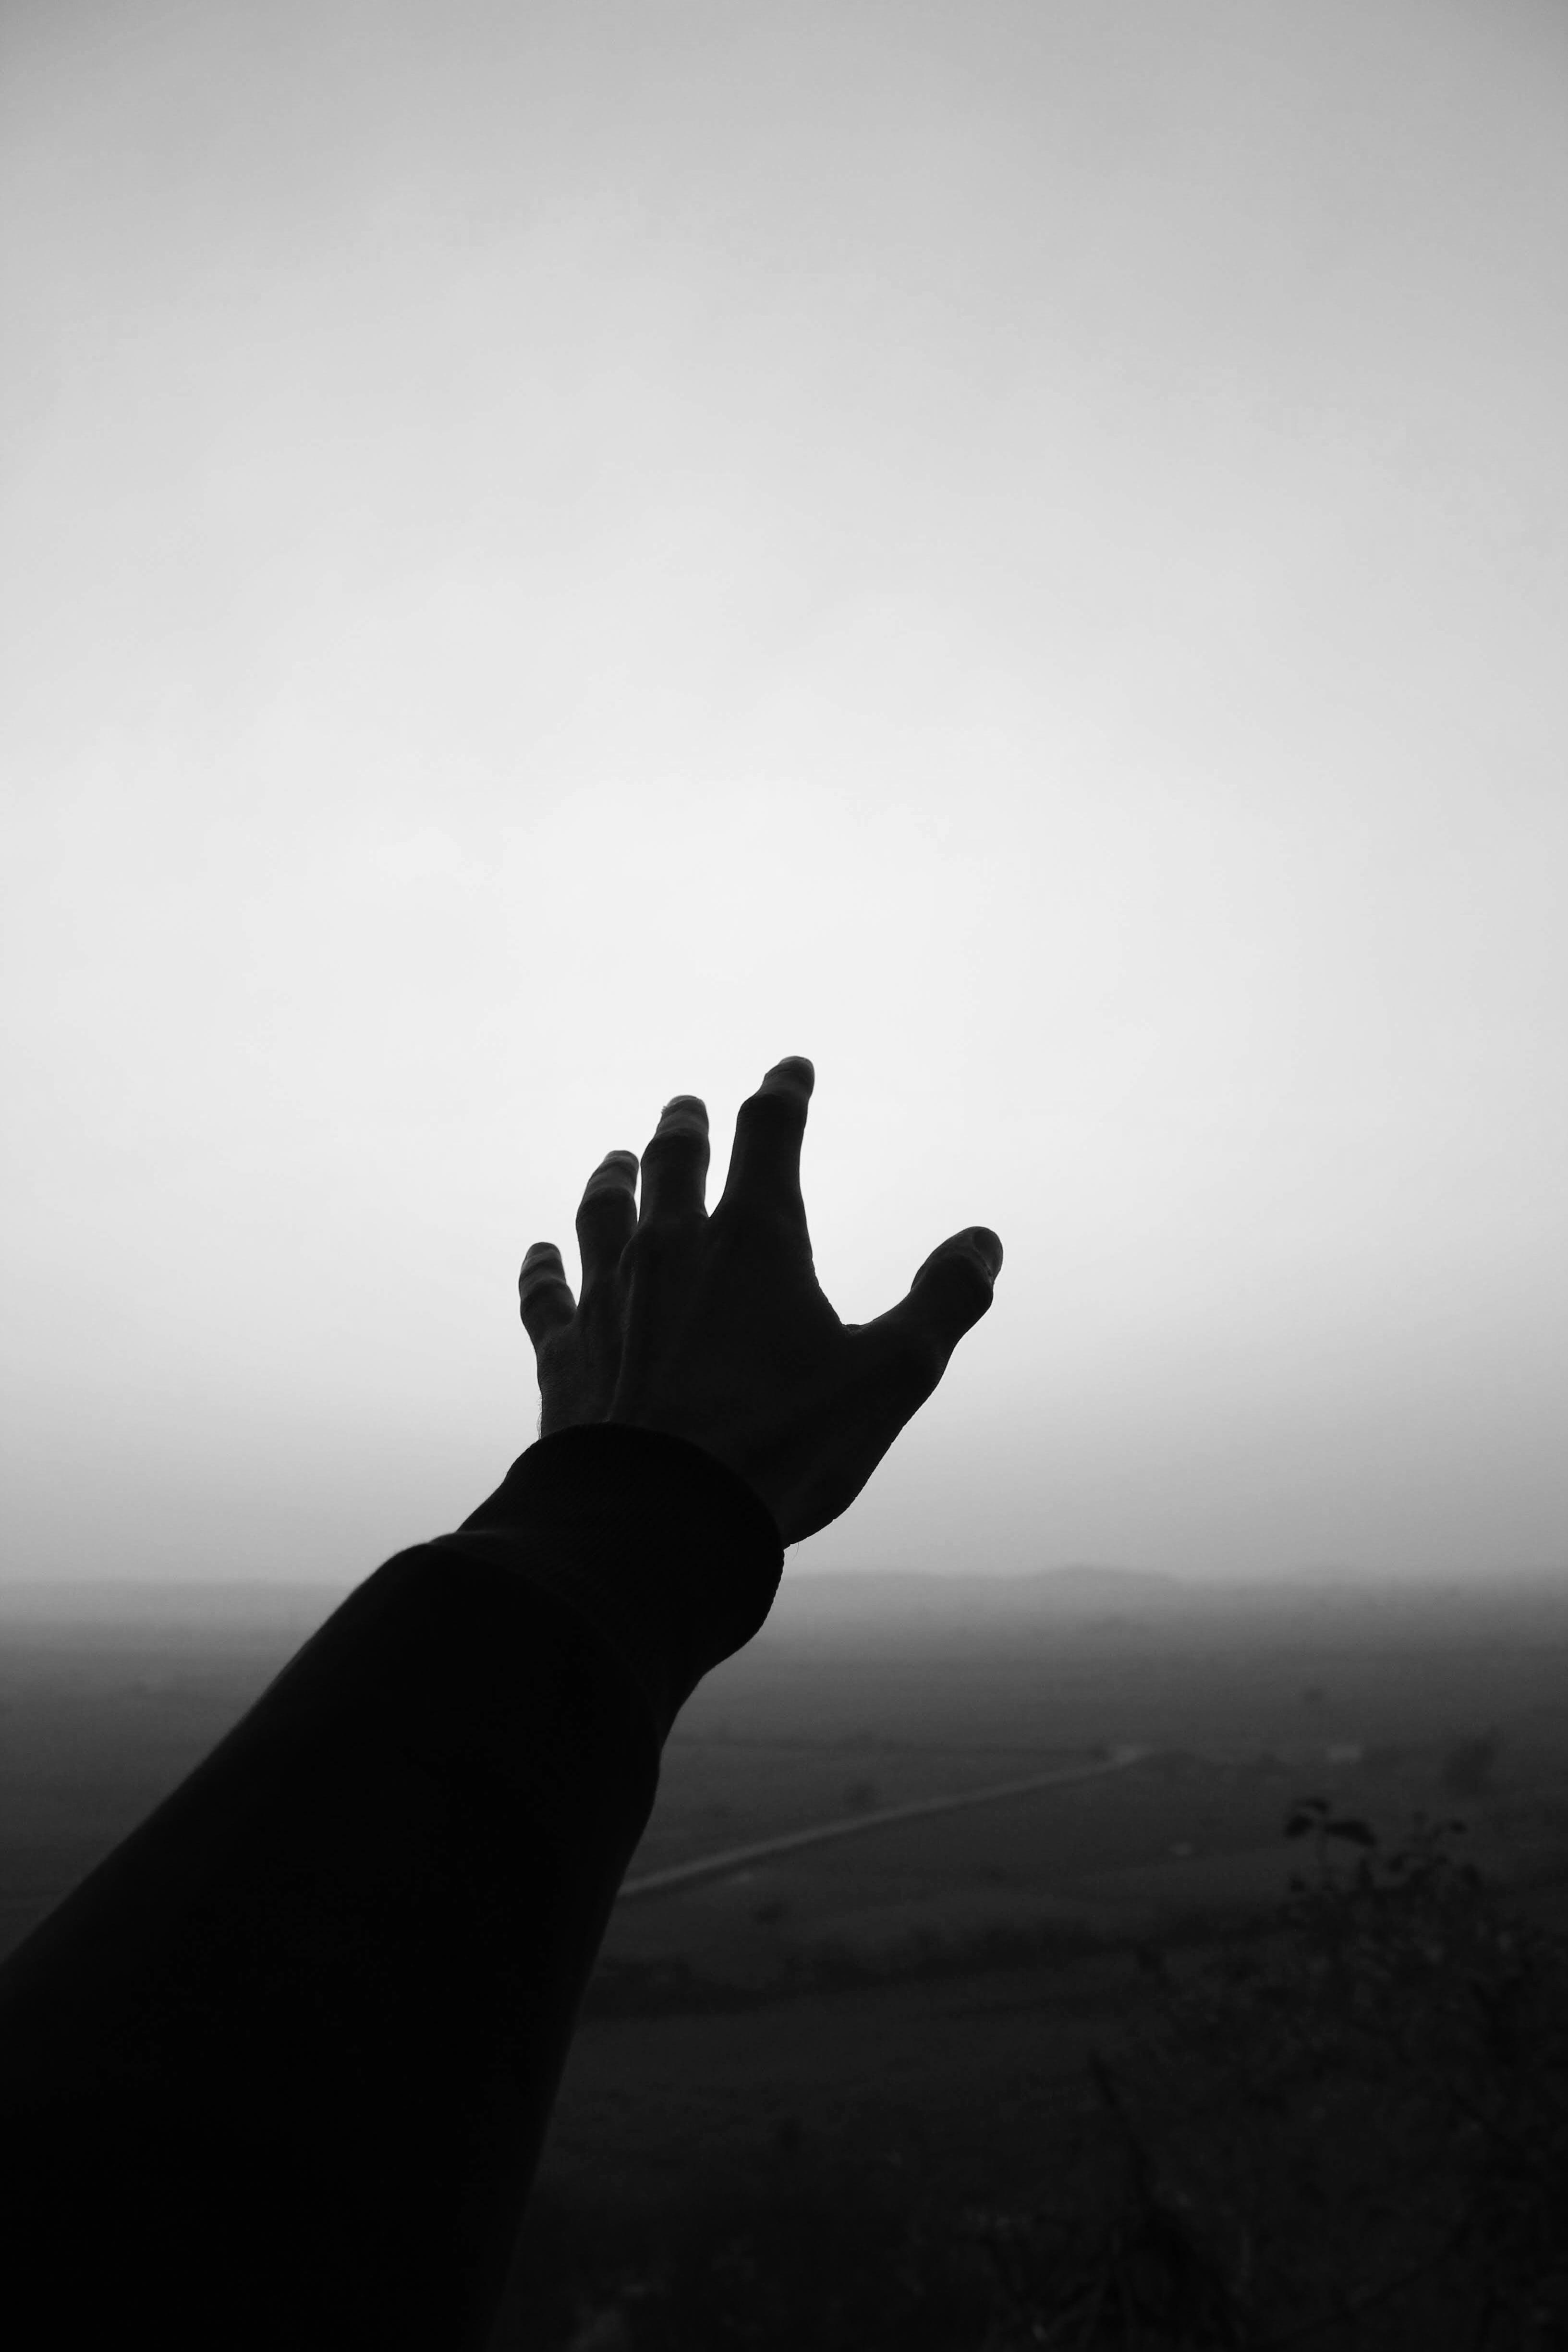 Δωρεάν στοκ φωτογραφιών με ασπρόμαυρο, ουρανός, προσεγγίζω, χέρι